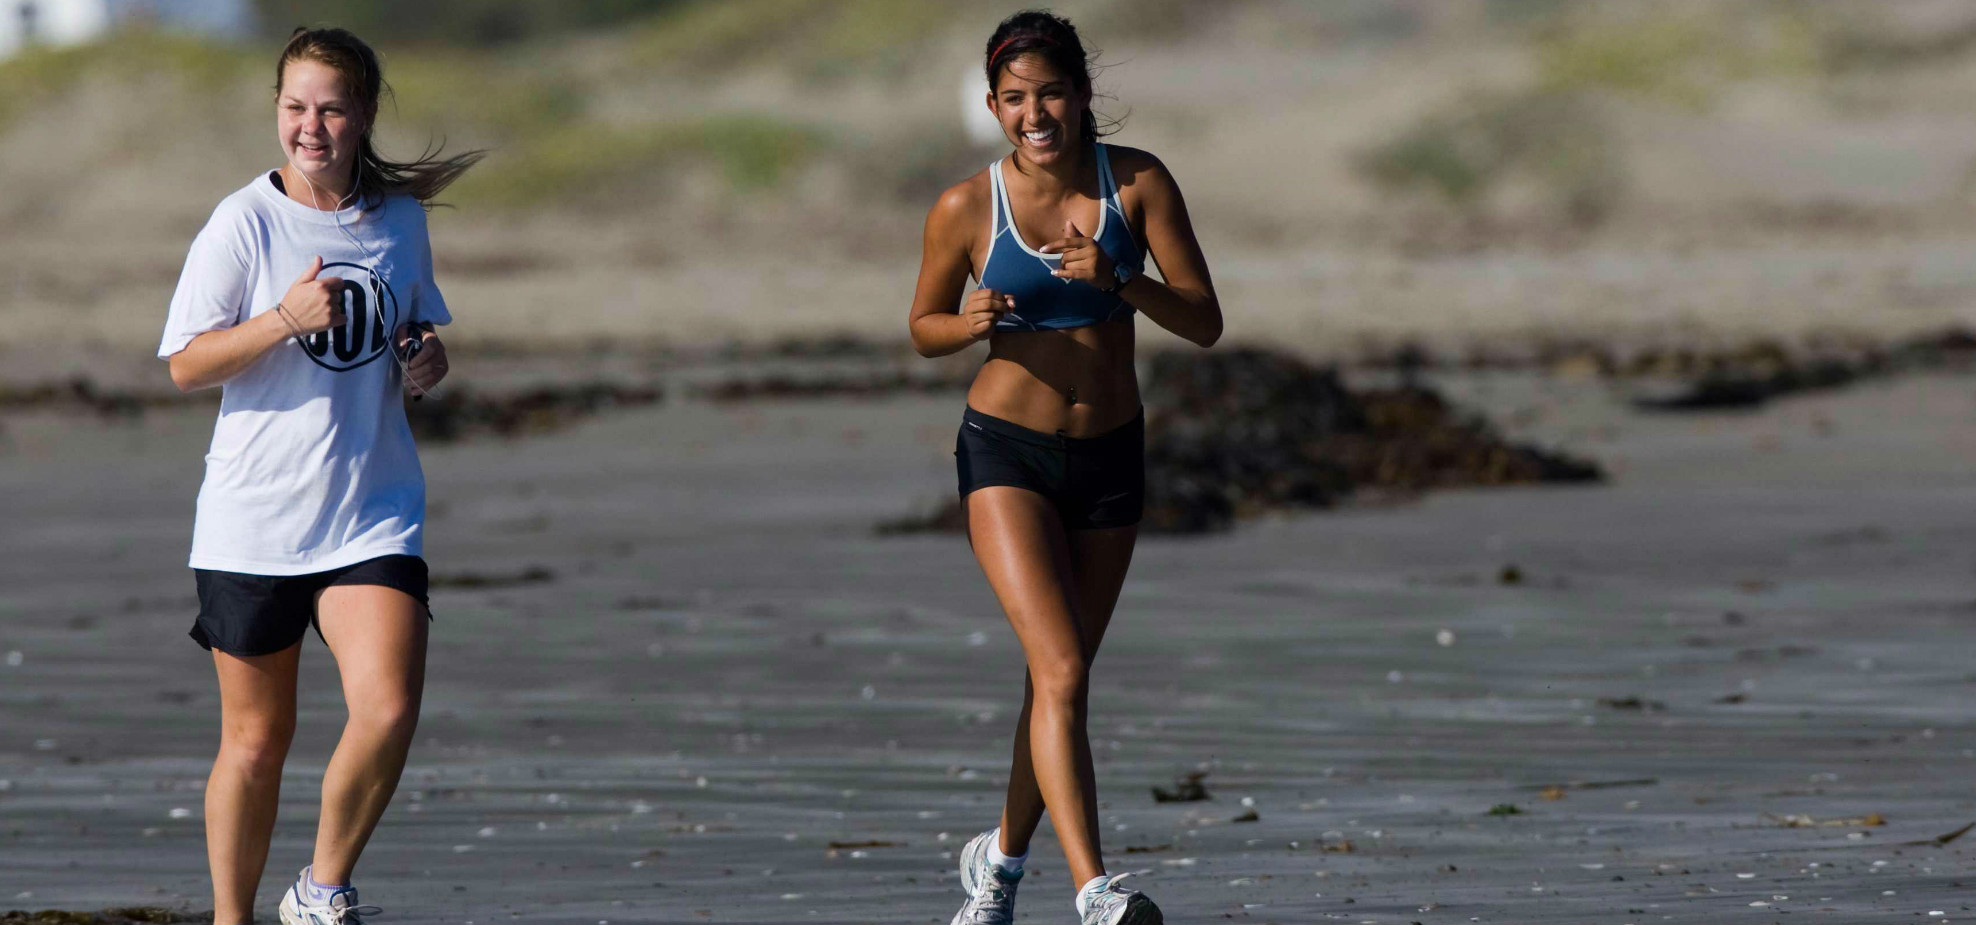 Le running, plus qu'un sport, un mode de vie